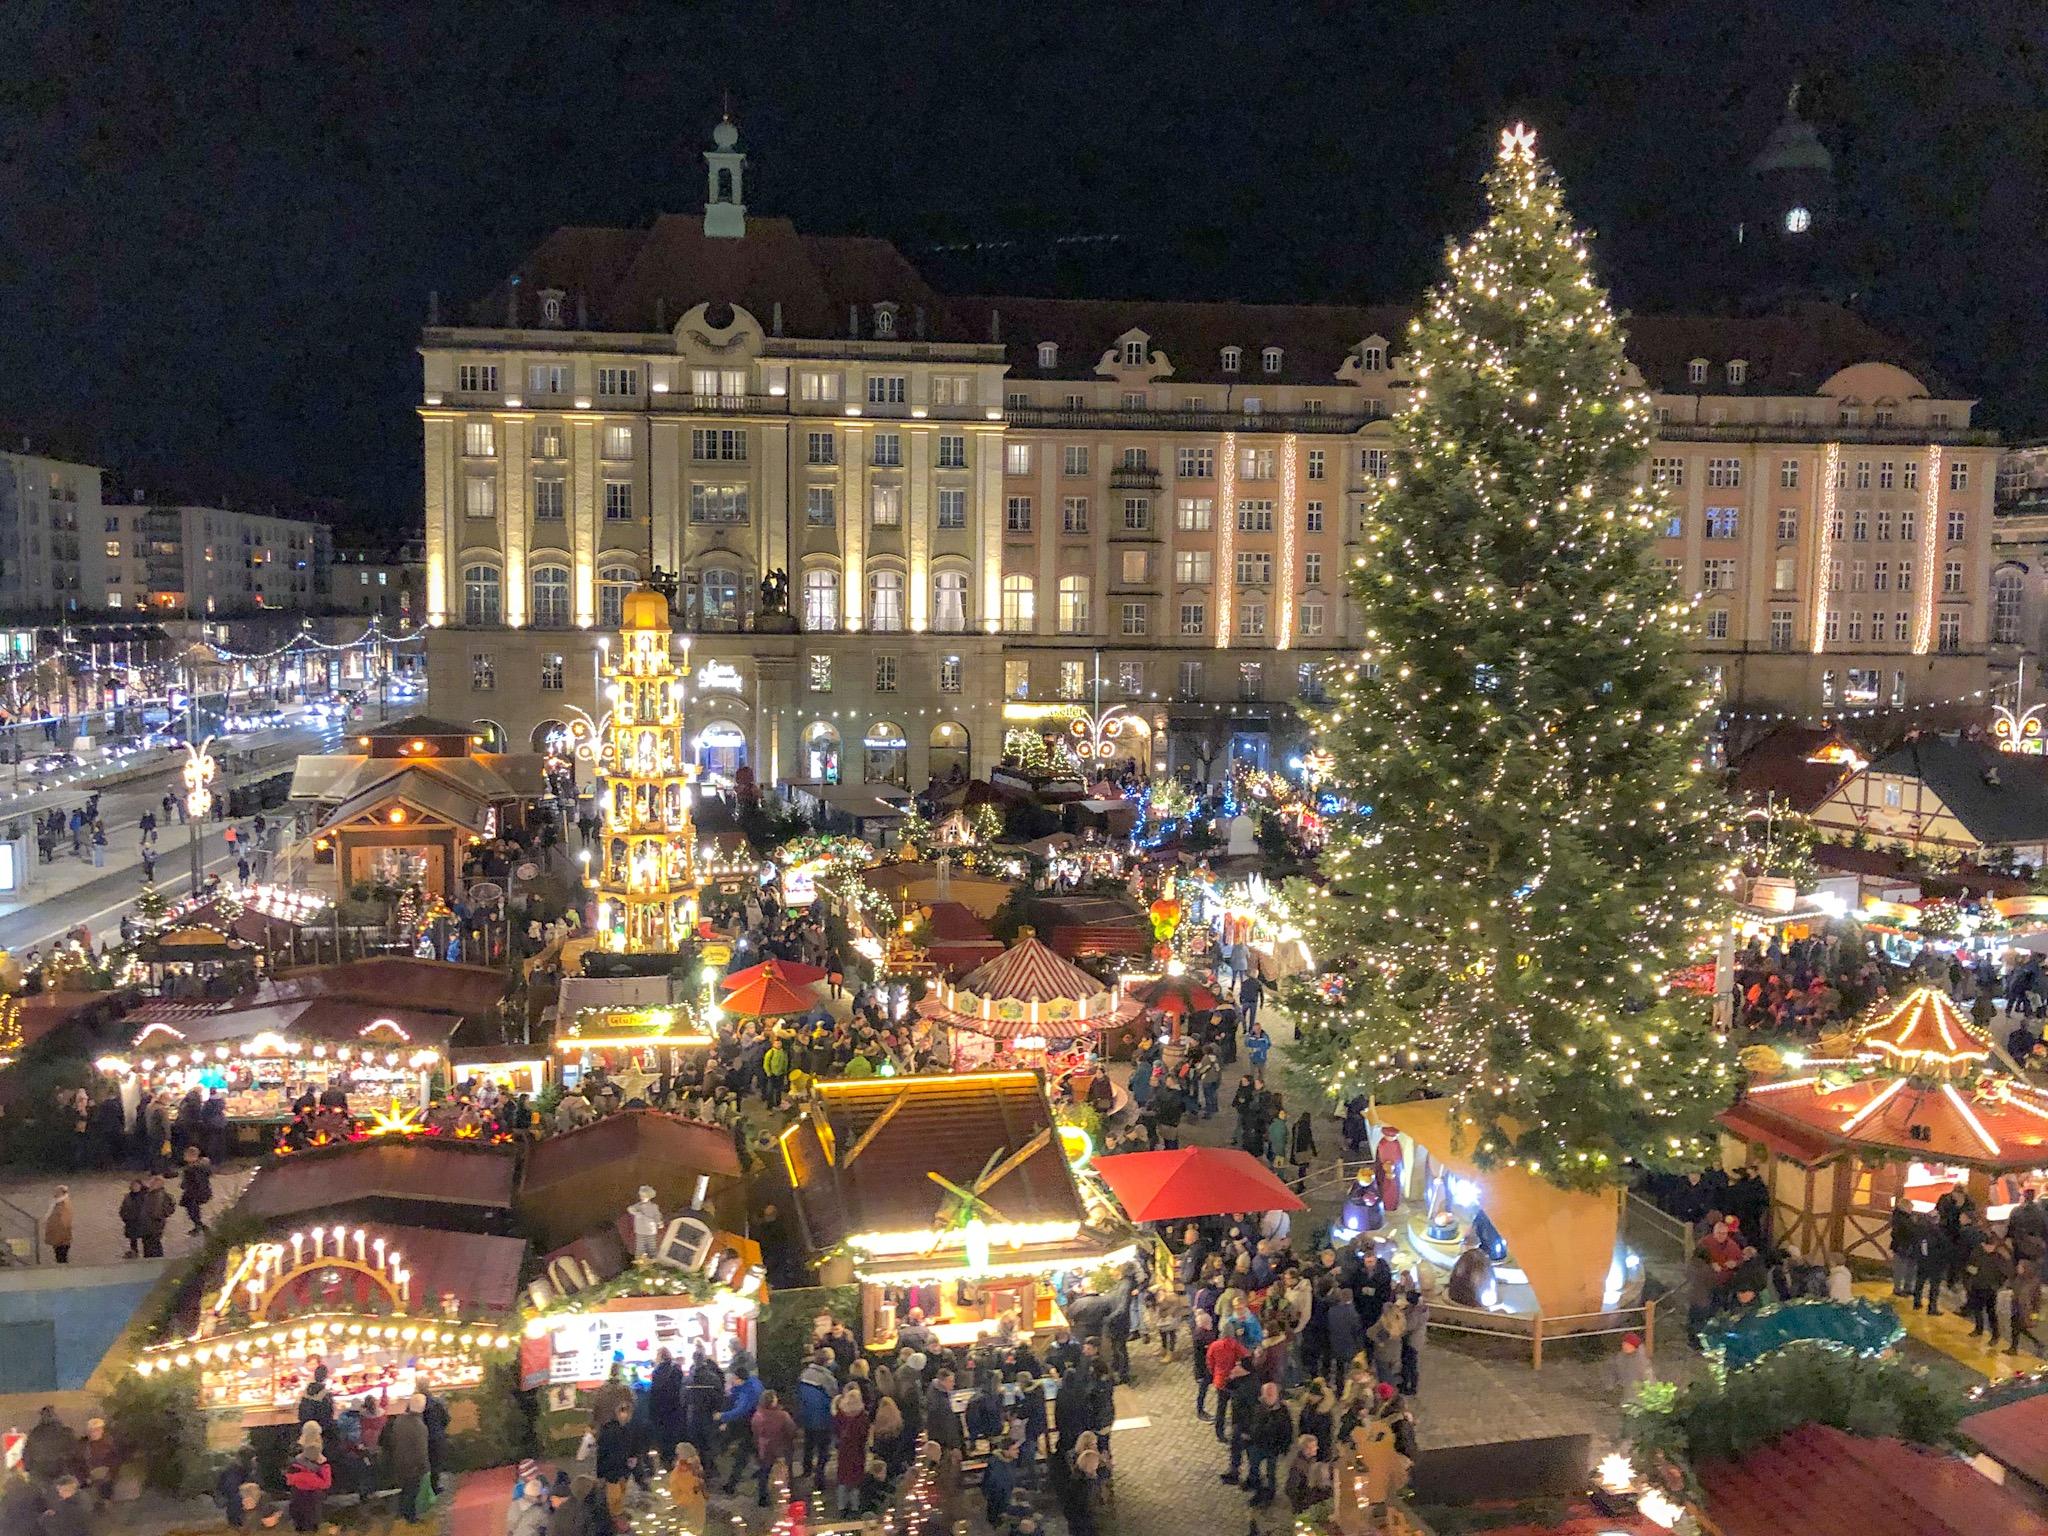 Striezelmarkt, Dresden